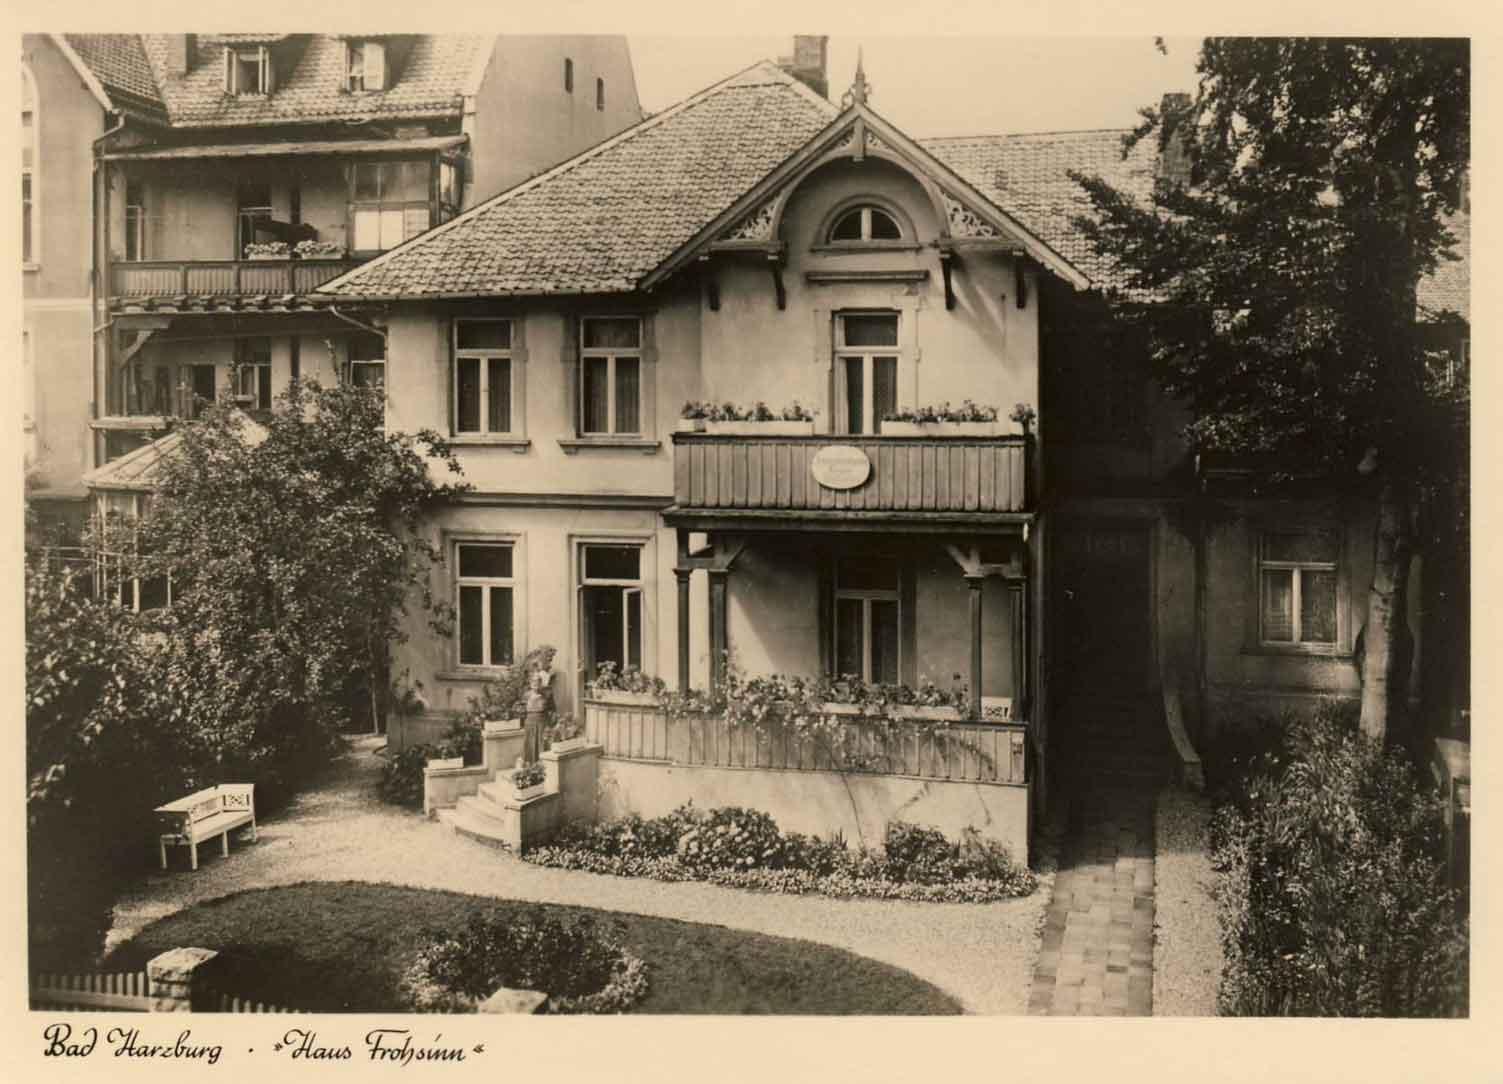 Gebäude Bad Harzburg